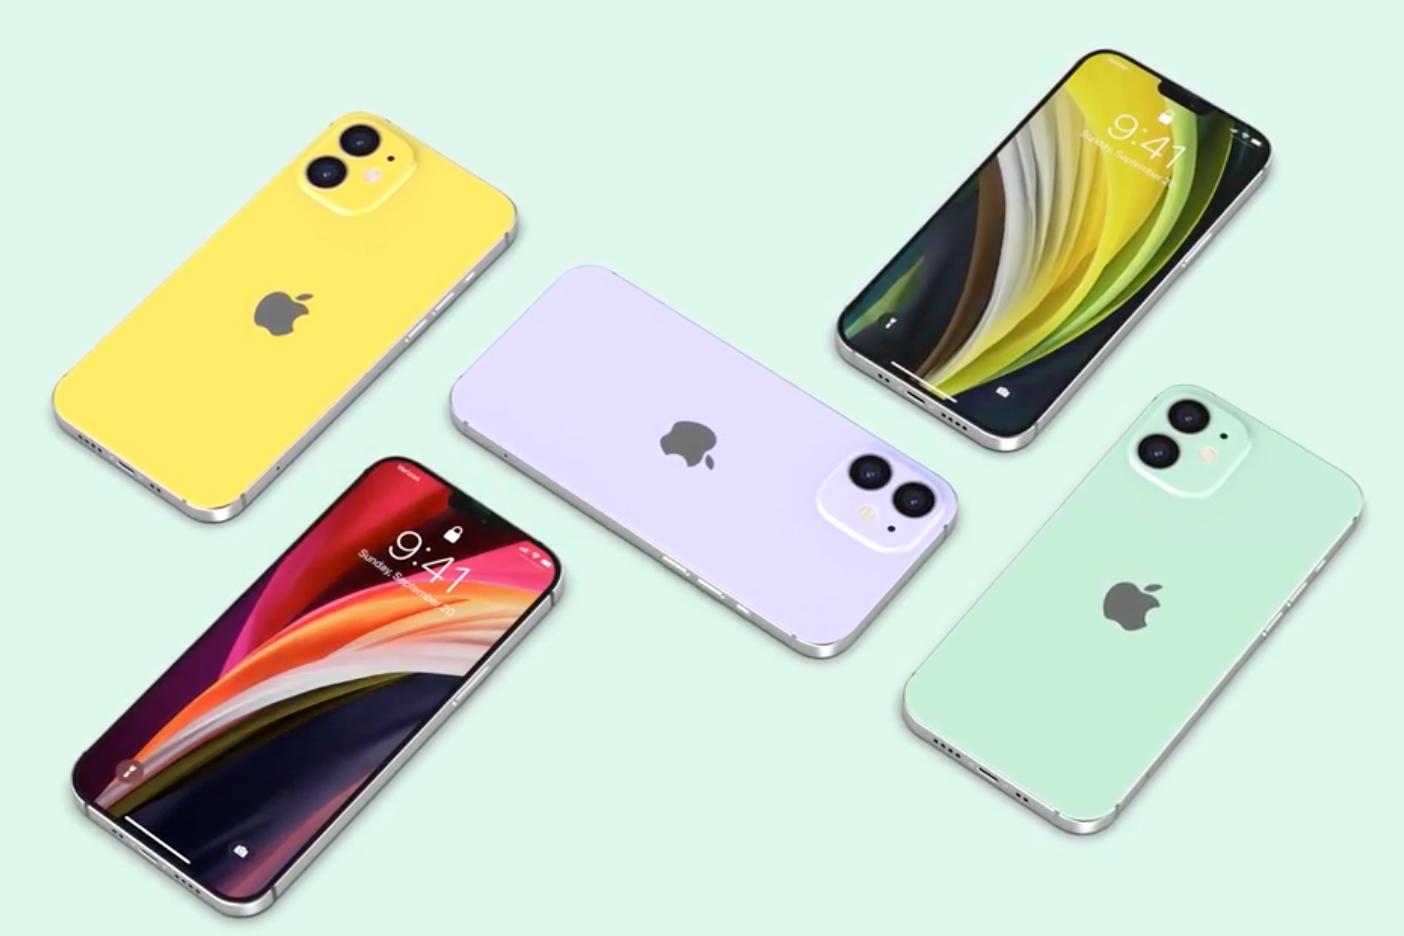 iPhone'y 12 zapowiadają się naprawdę interesująco! Oto wszystko, co wiemy 23